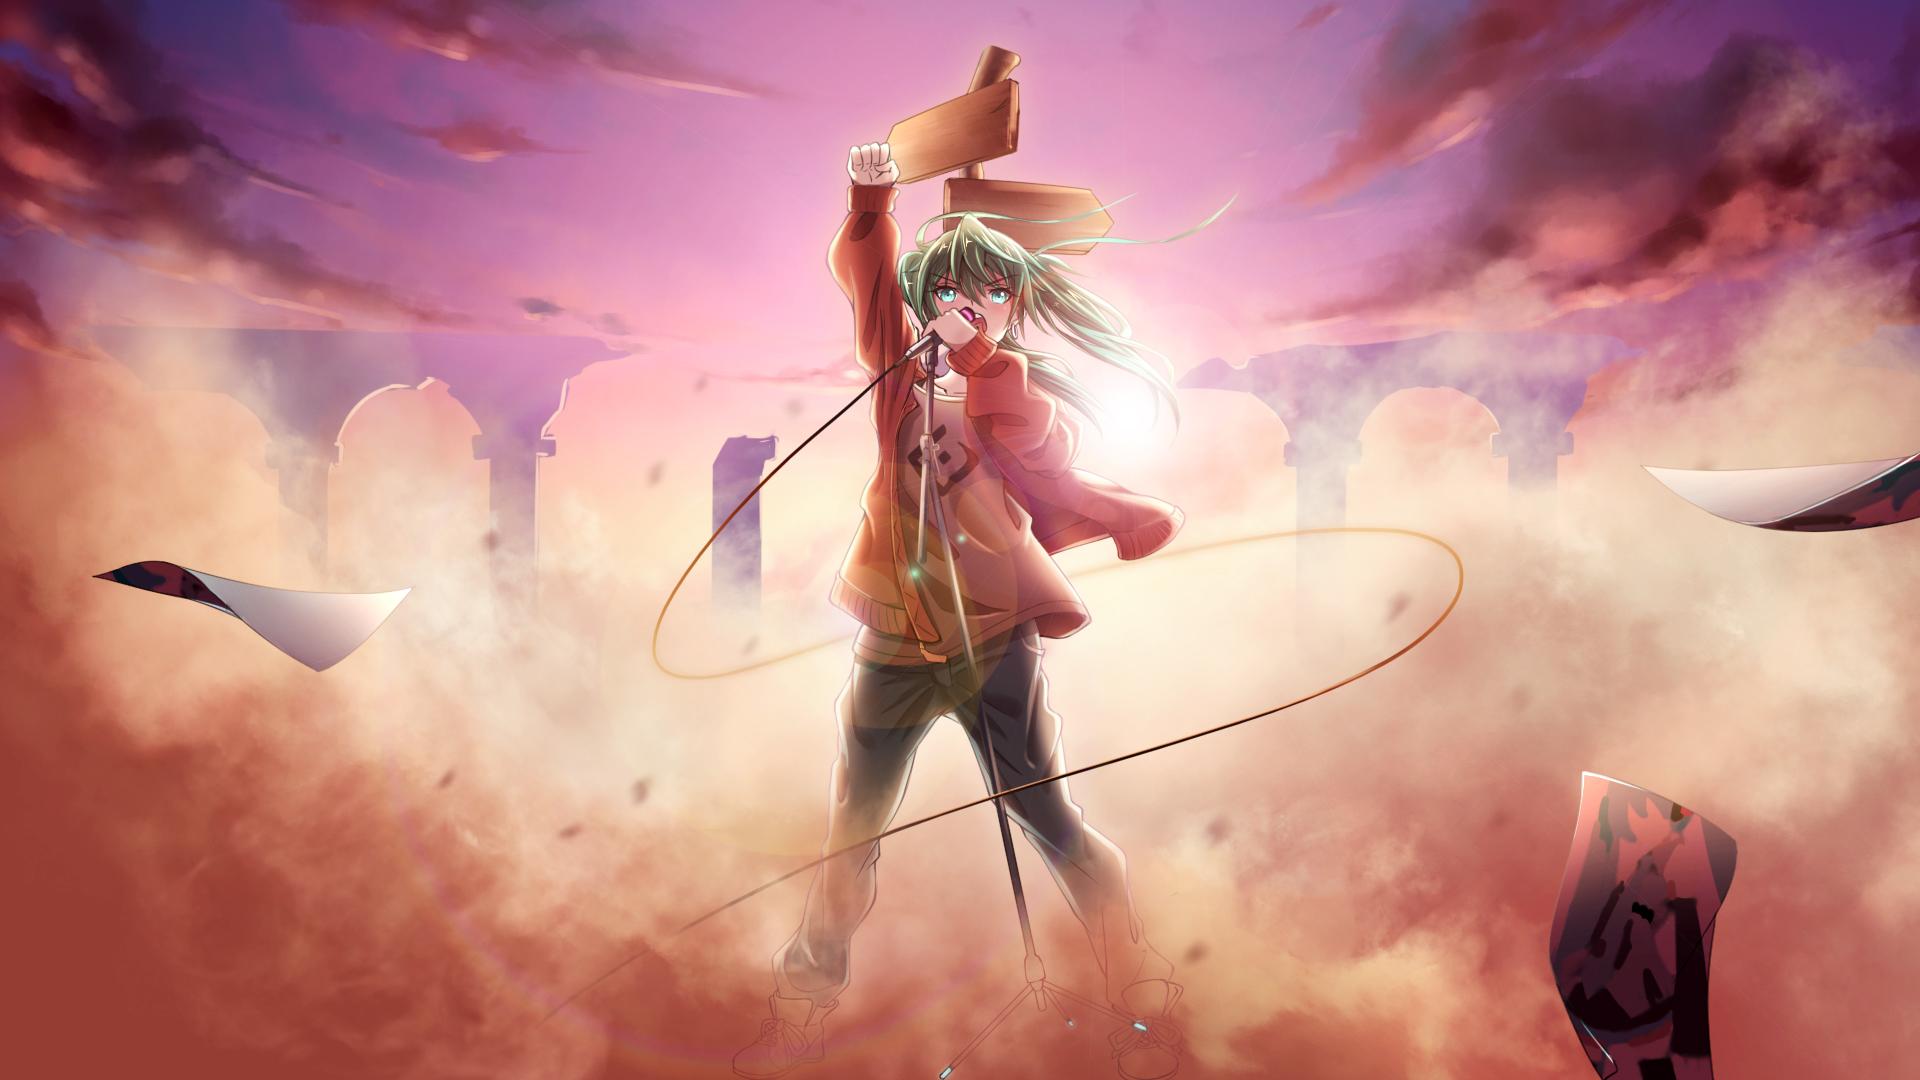 1360x768 hatsune miku laptop hd hd 4k wallpapers images - Anime wallpaper 1360x768 hd ...